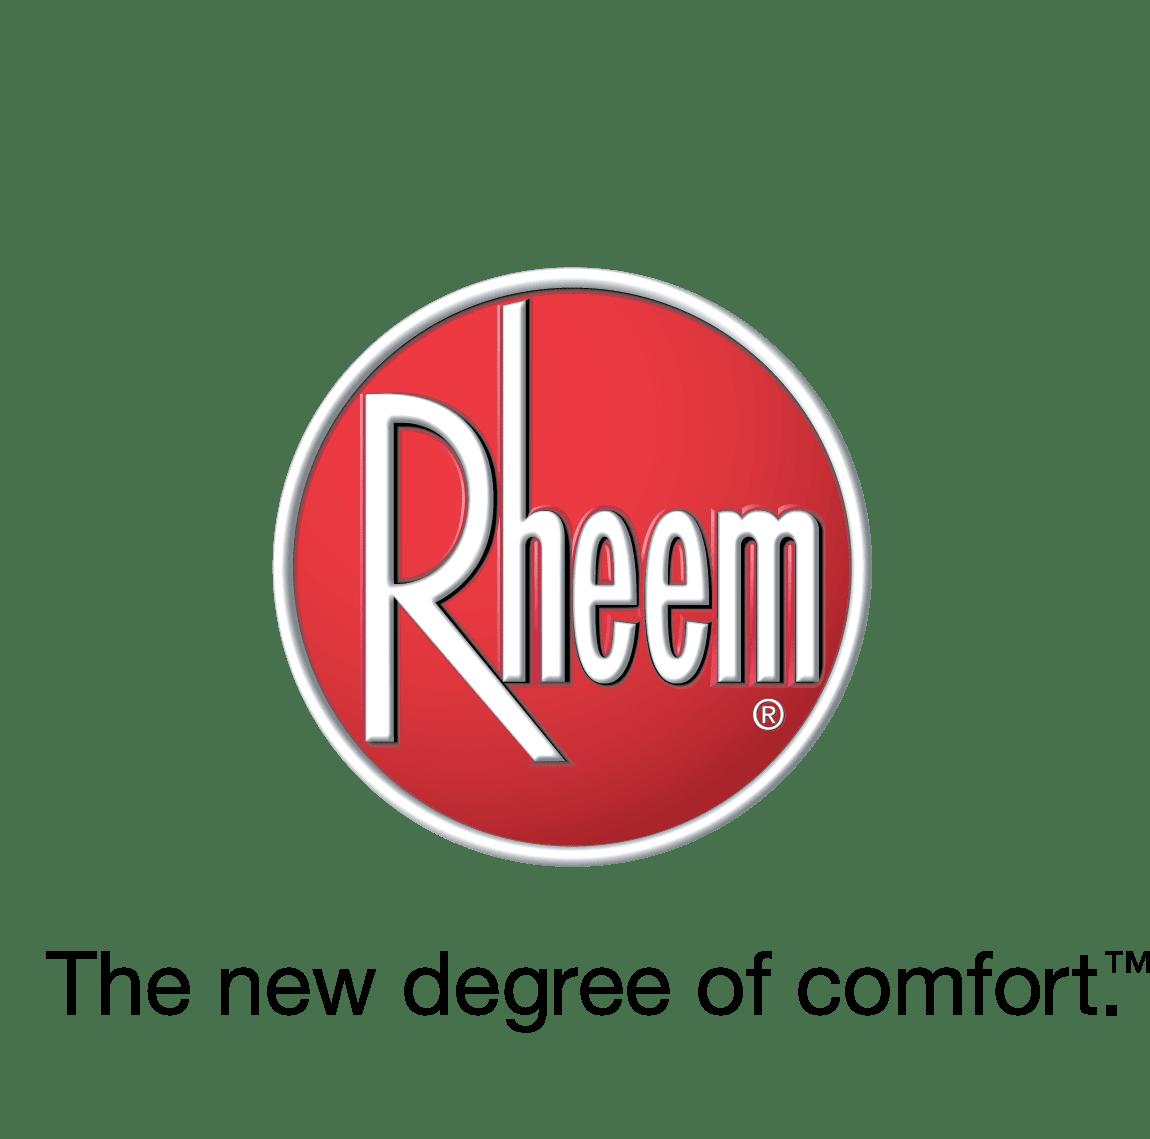 Rheem-tagline